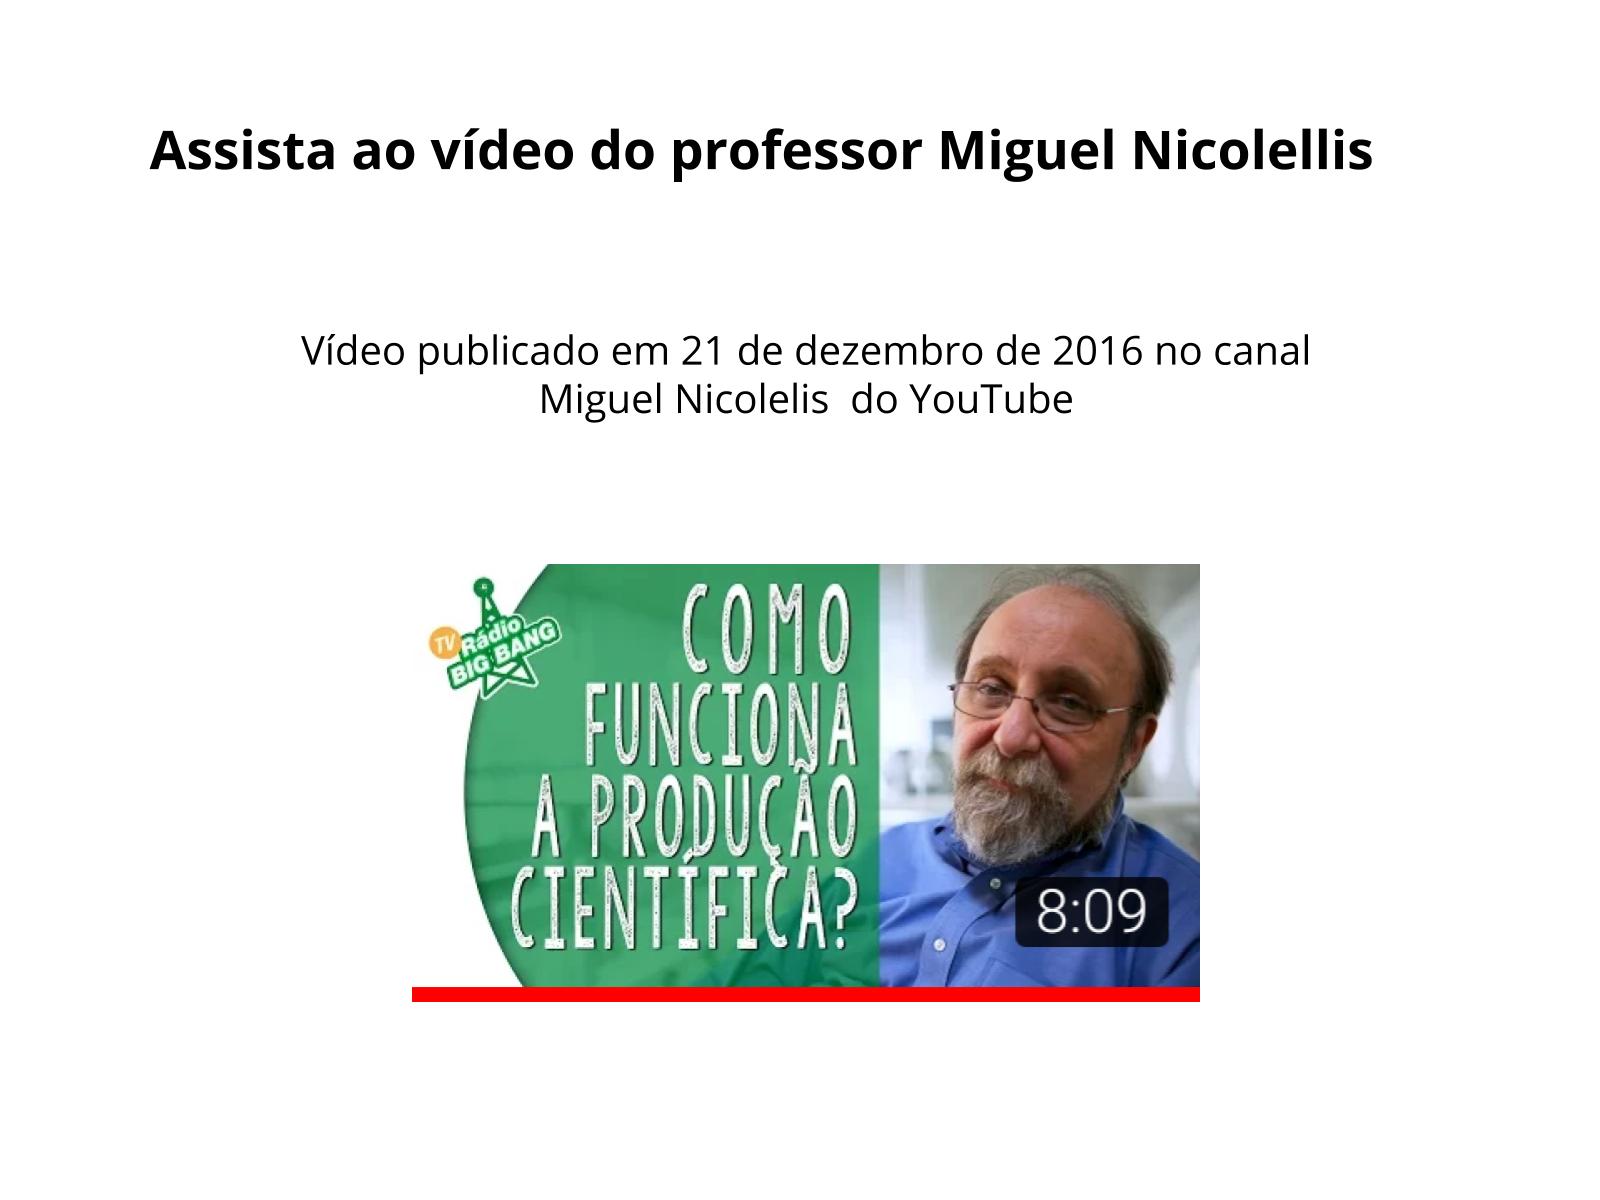 Compreender e revisar a forma composicional do vlog de divulgação científica